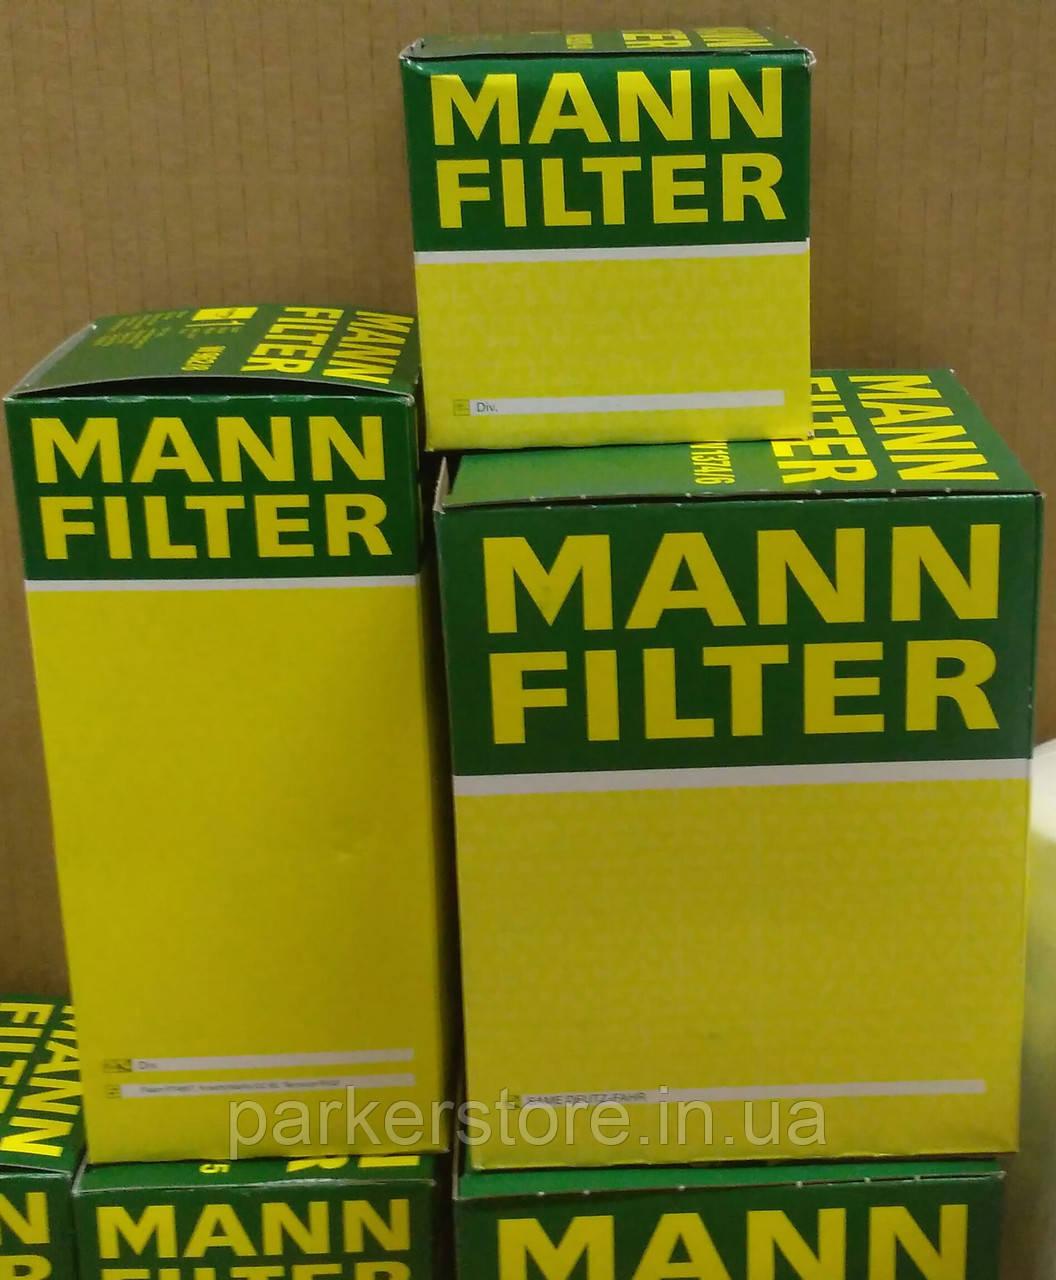 MANN FILTER / Повітряний фільтр / C 30 810/2 / C30810/2